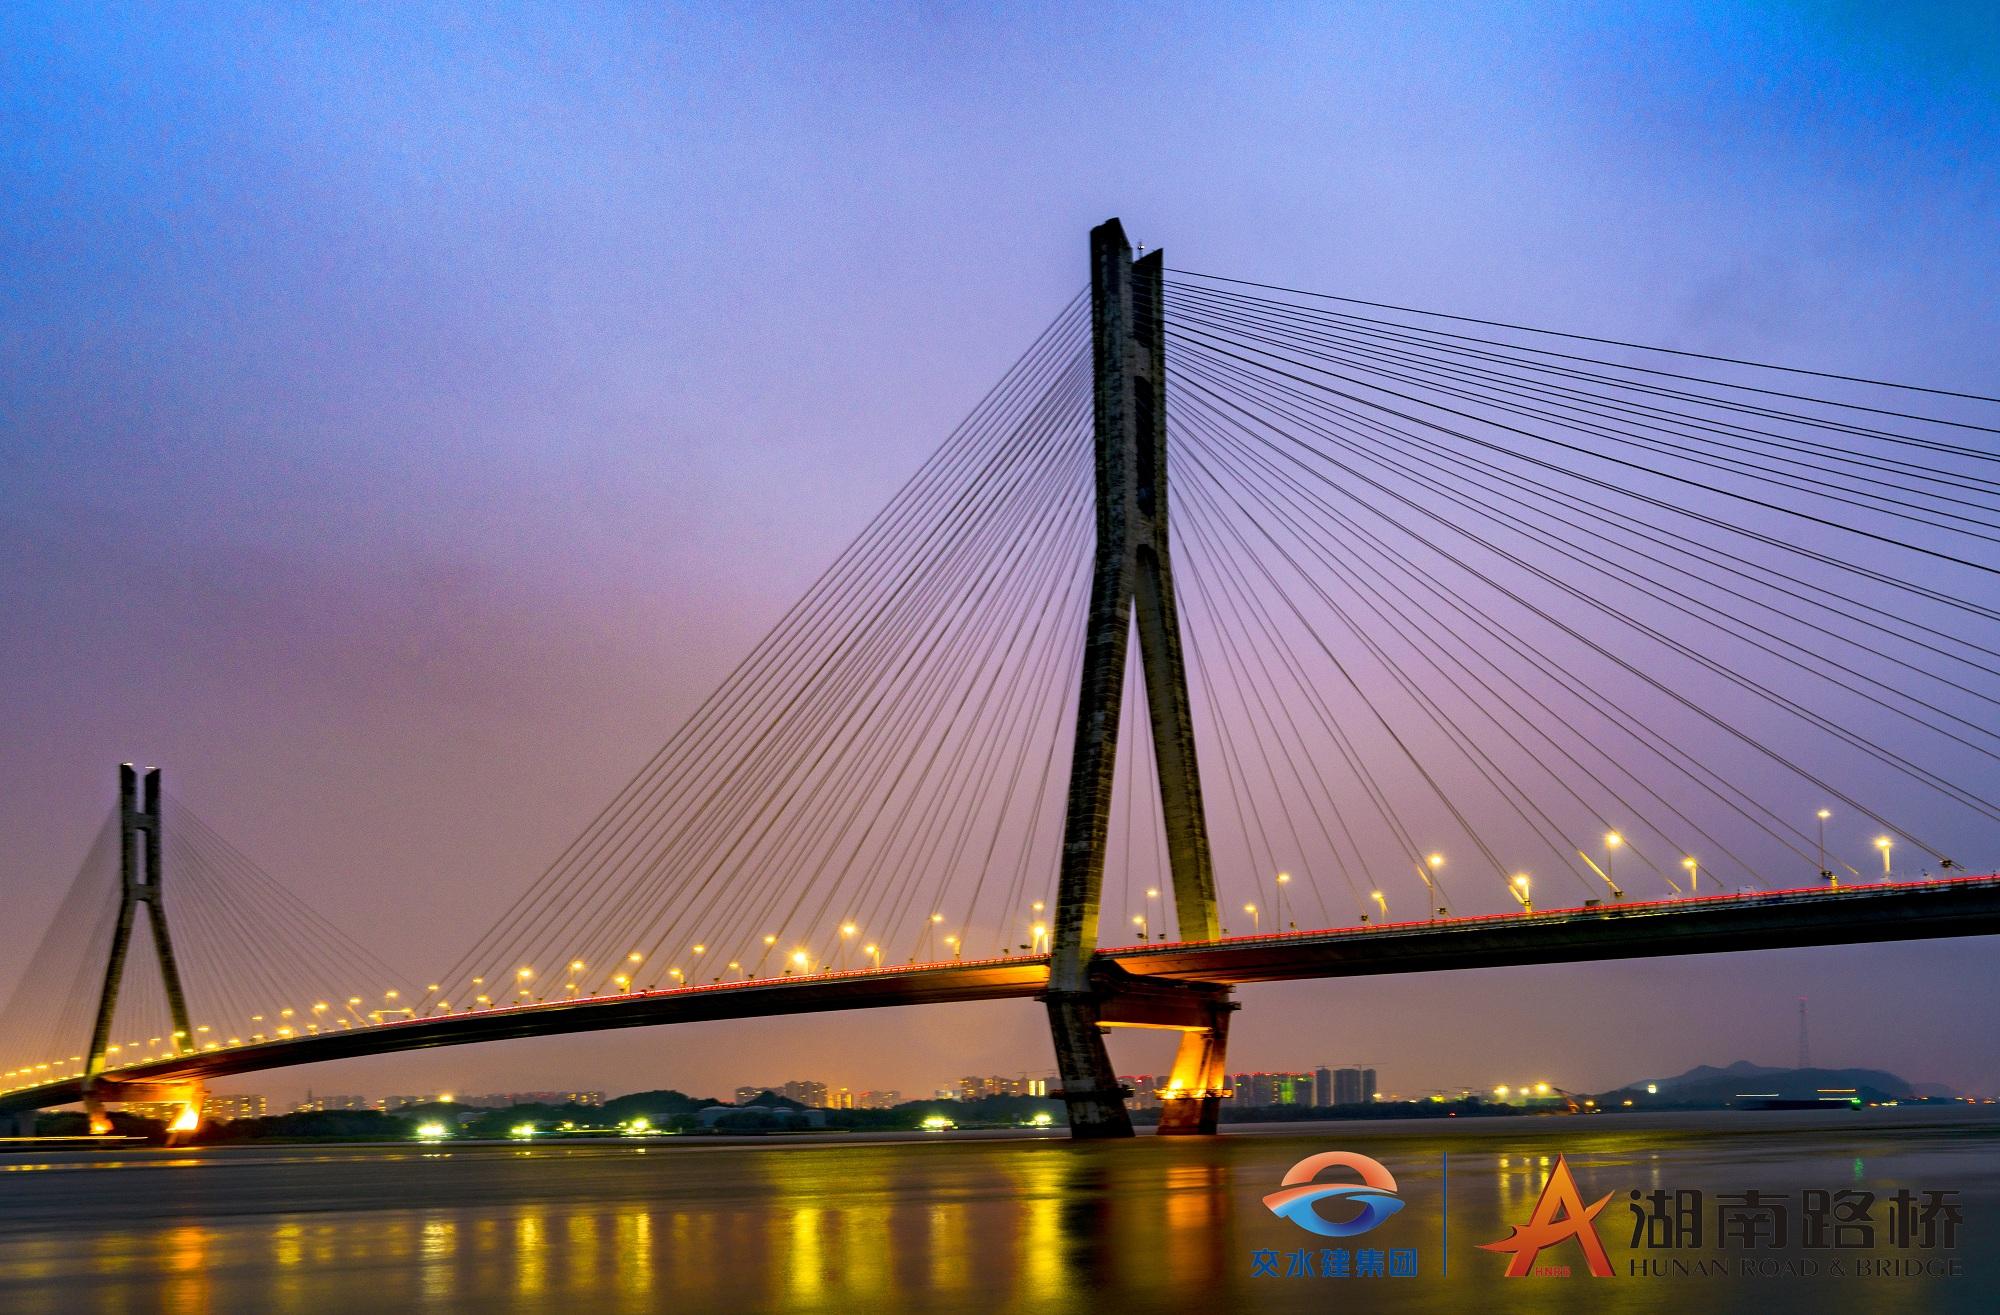 南京长江大桥夜景  贺大同_logo.jpg